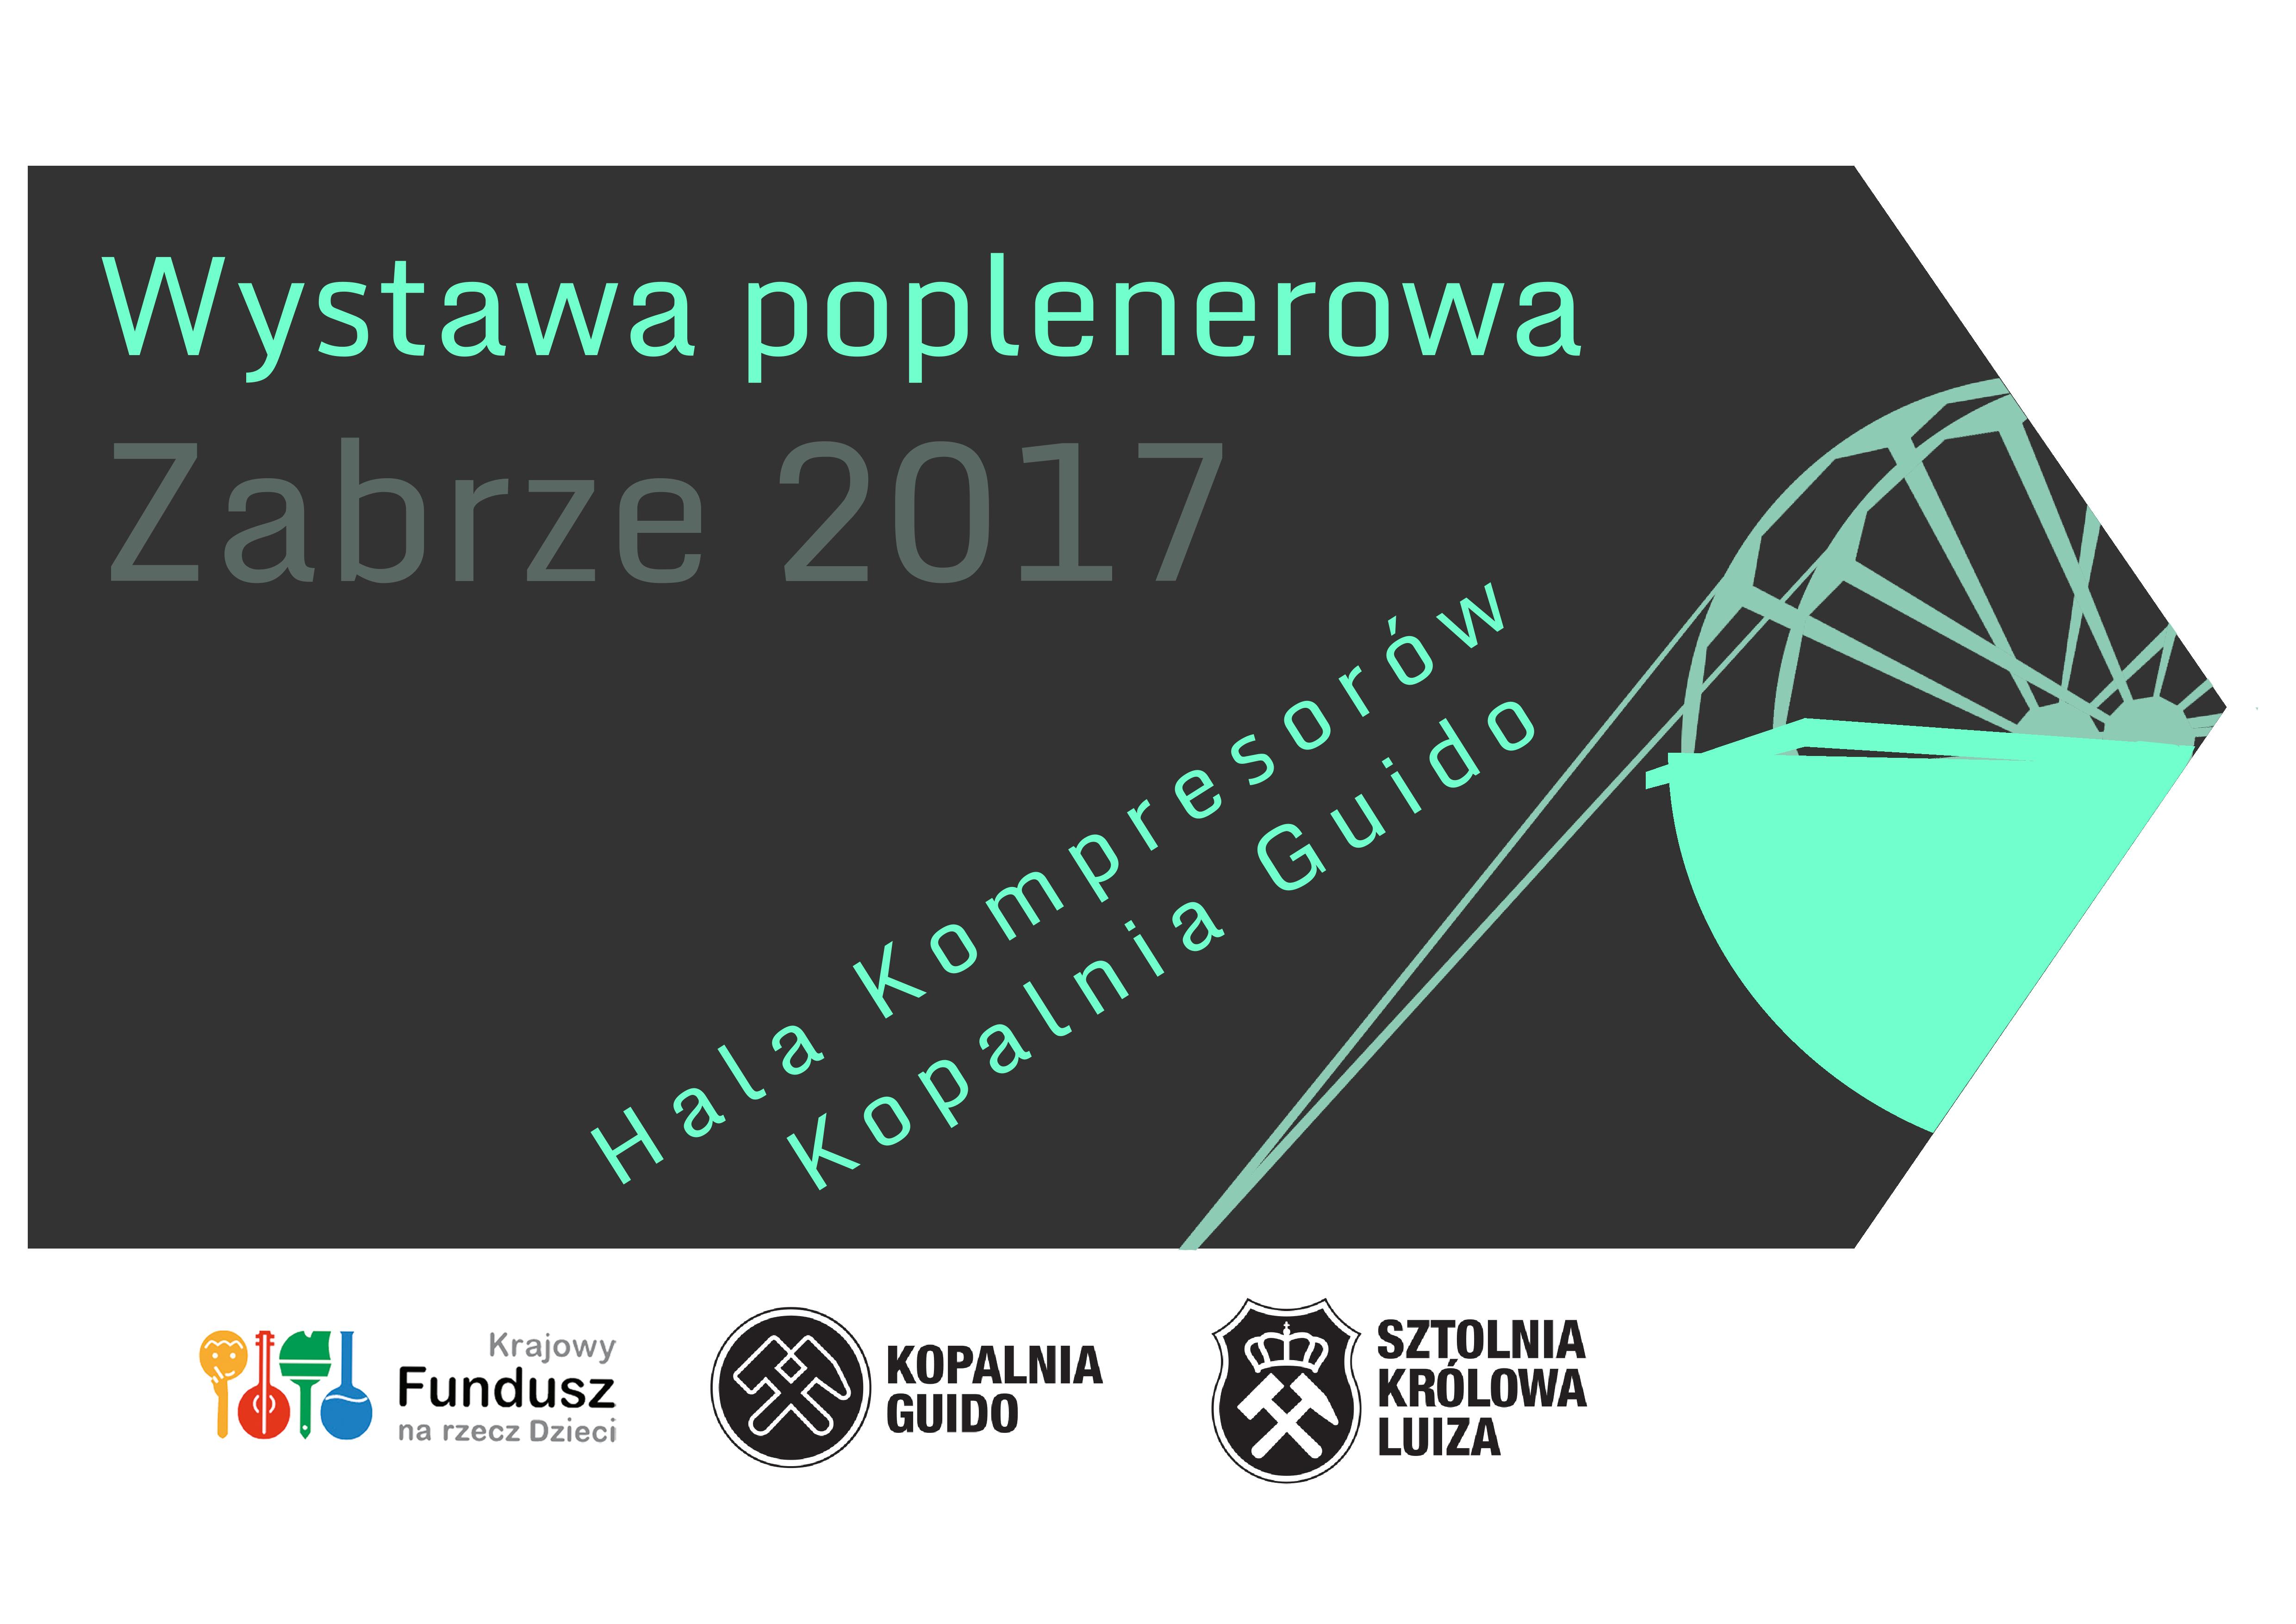 Wystawa poplenerowa Zabrze 2017